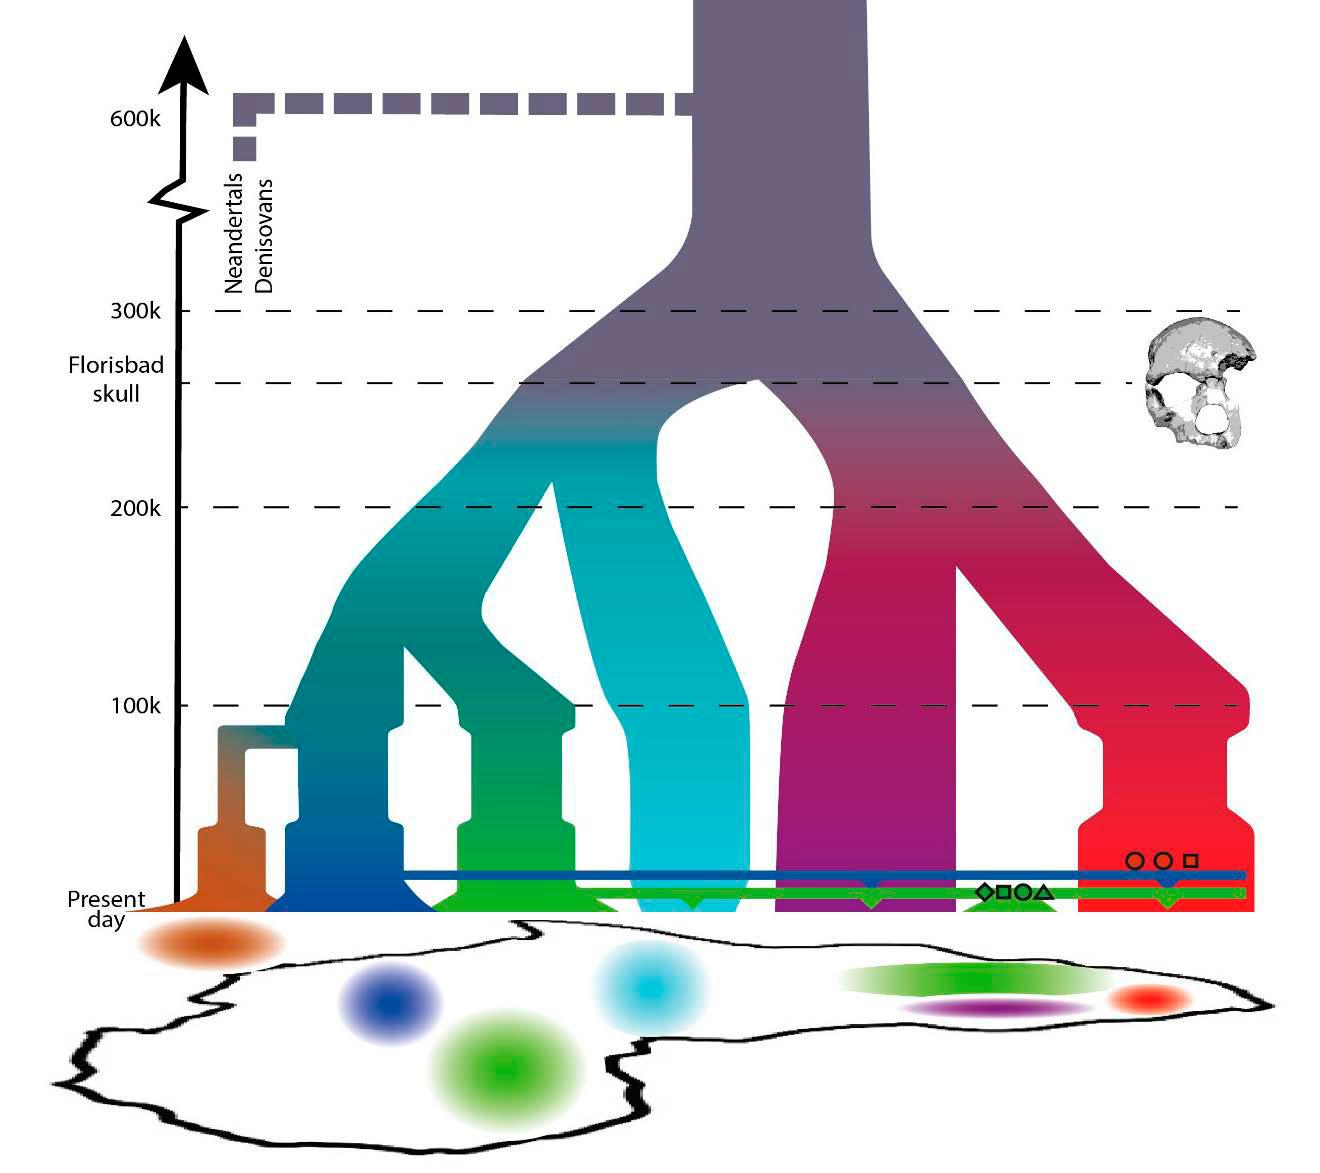 Родословное дерево человека согласно новым данным. По вертикальной оси— возраст. 3 генома охотников-собирателей каменного века показаны красными символами (квадрат— Дунсайд,  кружки— Баллито Бэй, правая часть рисунка), 4 генома фермеров железного века— зелёными. Лиловая ветвь— современные койсаны, голубая— пигмеи, зелёная— Западная Африка (манденка, йоруба), синяя— Восток Африки, коричневая— Евразия.